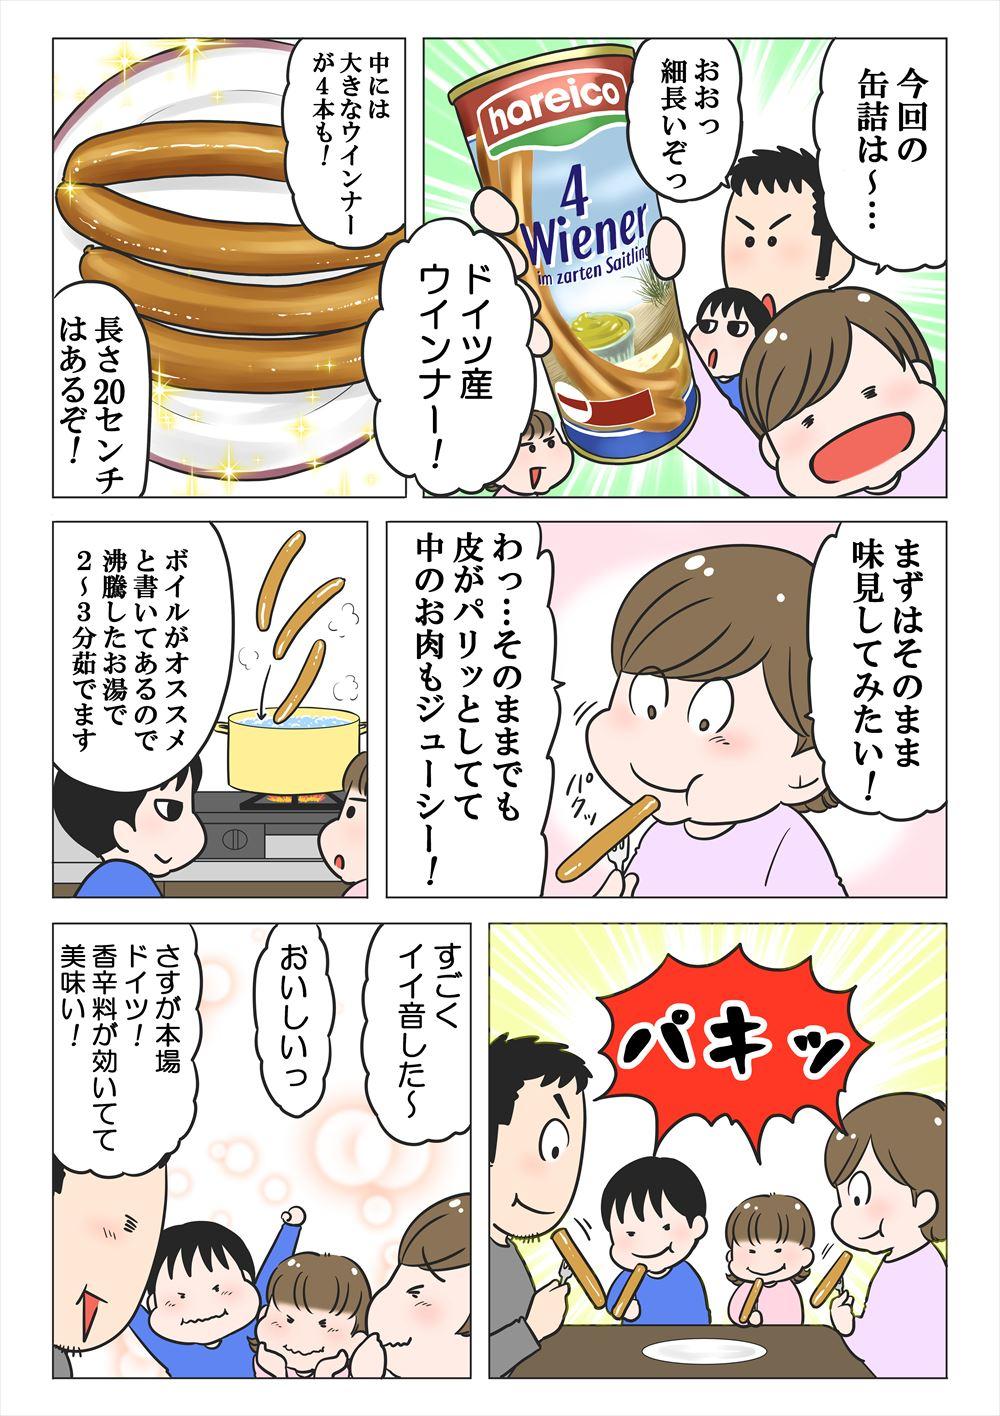 缶詰ウインナー_R